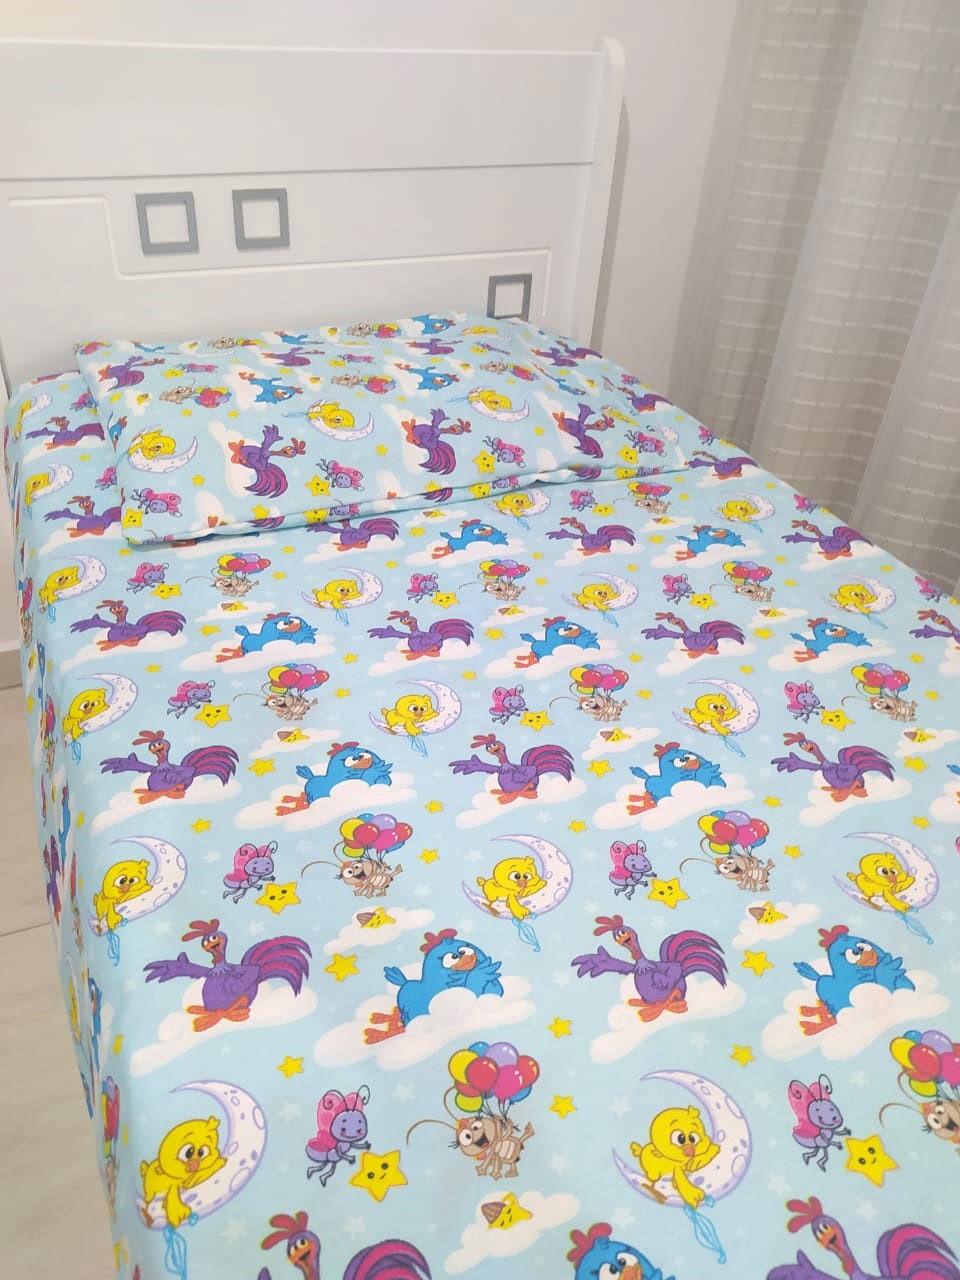 Jogo de cama infantil  Mini Cama Galinha Pintadinha -3 peças - Licenciado